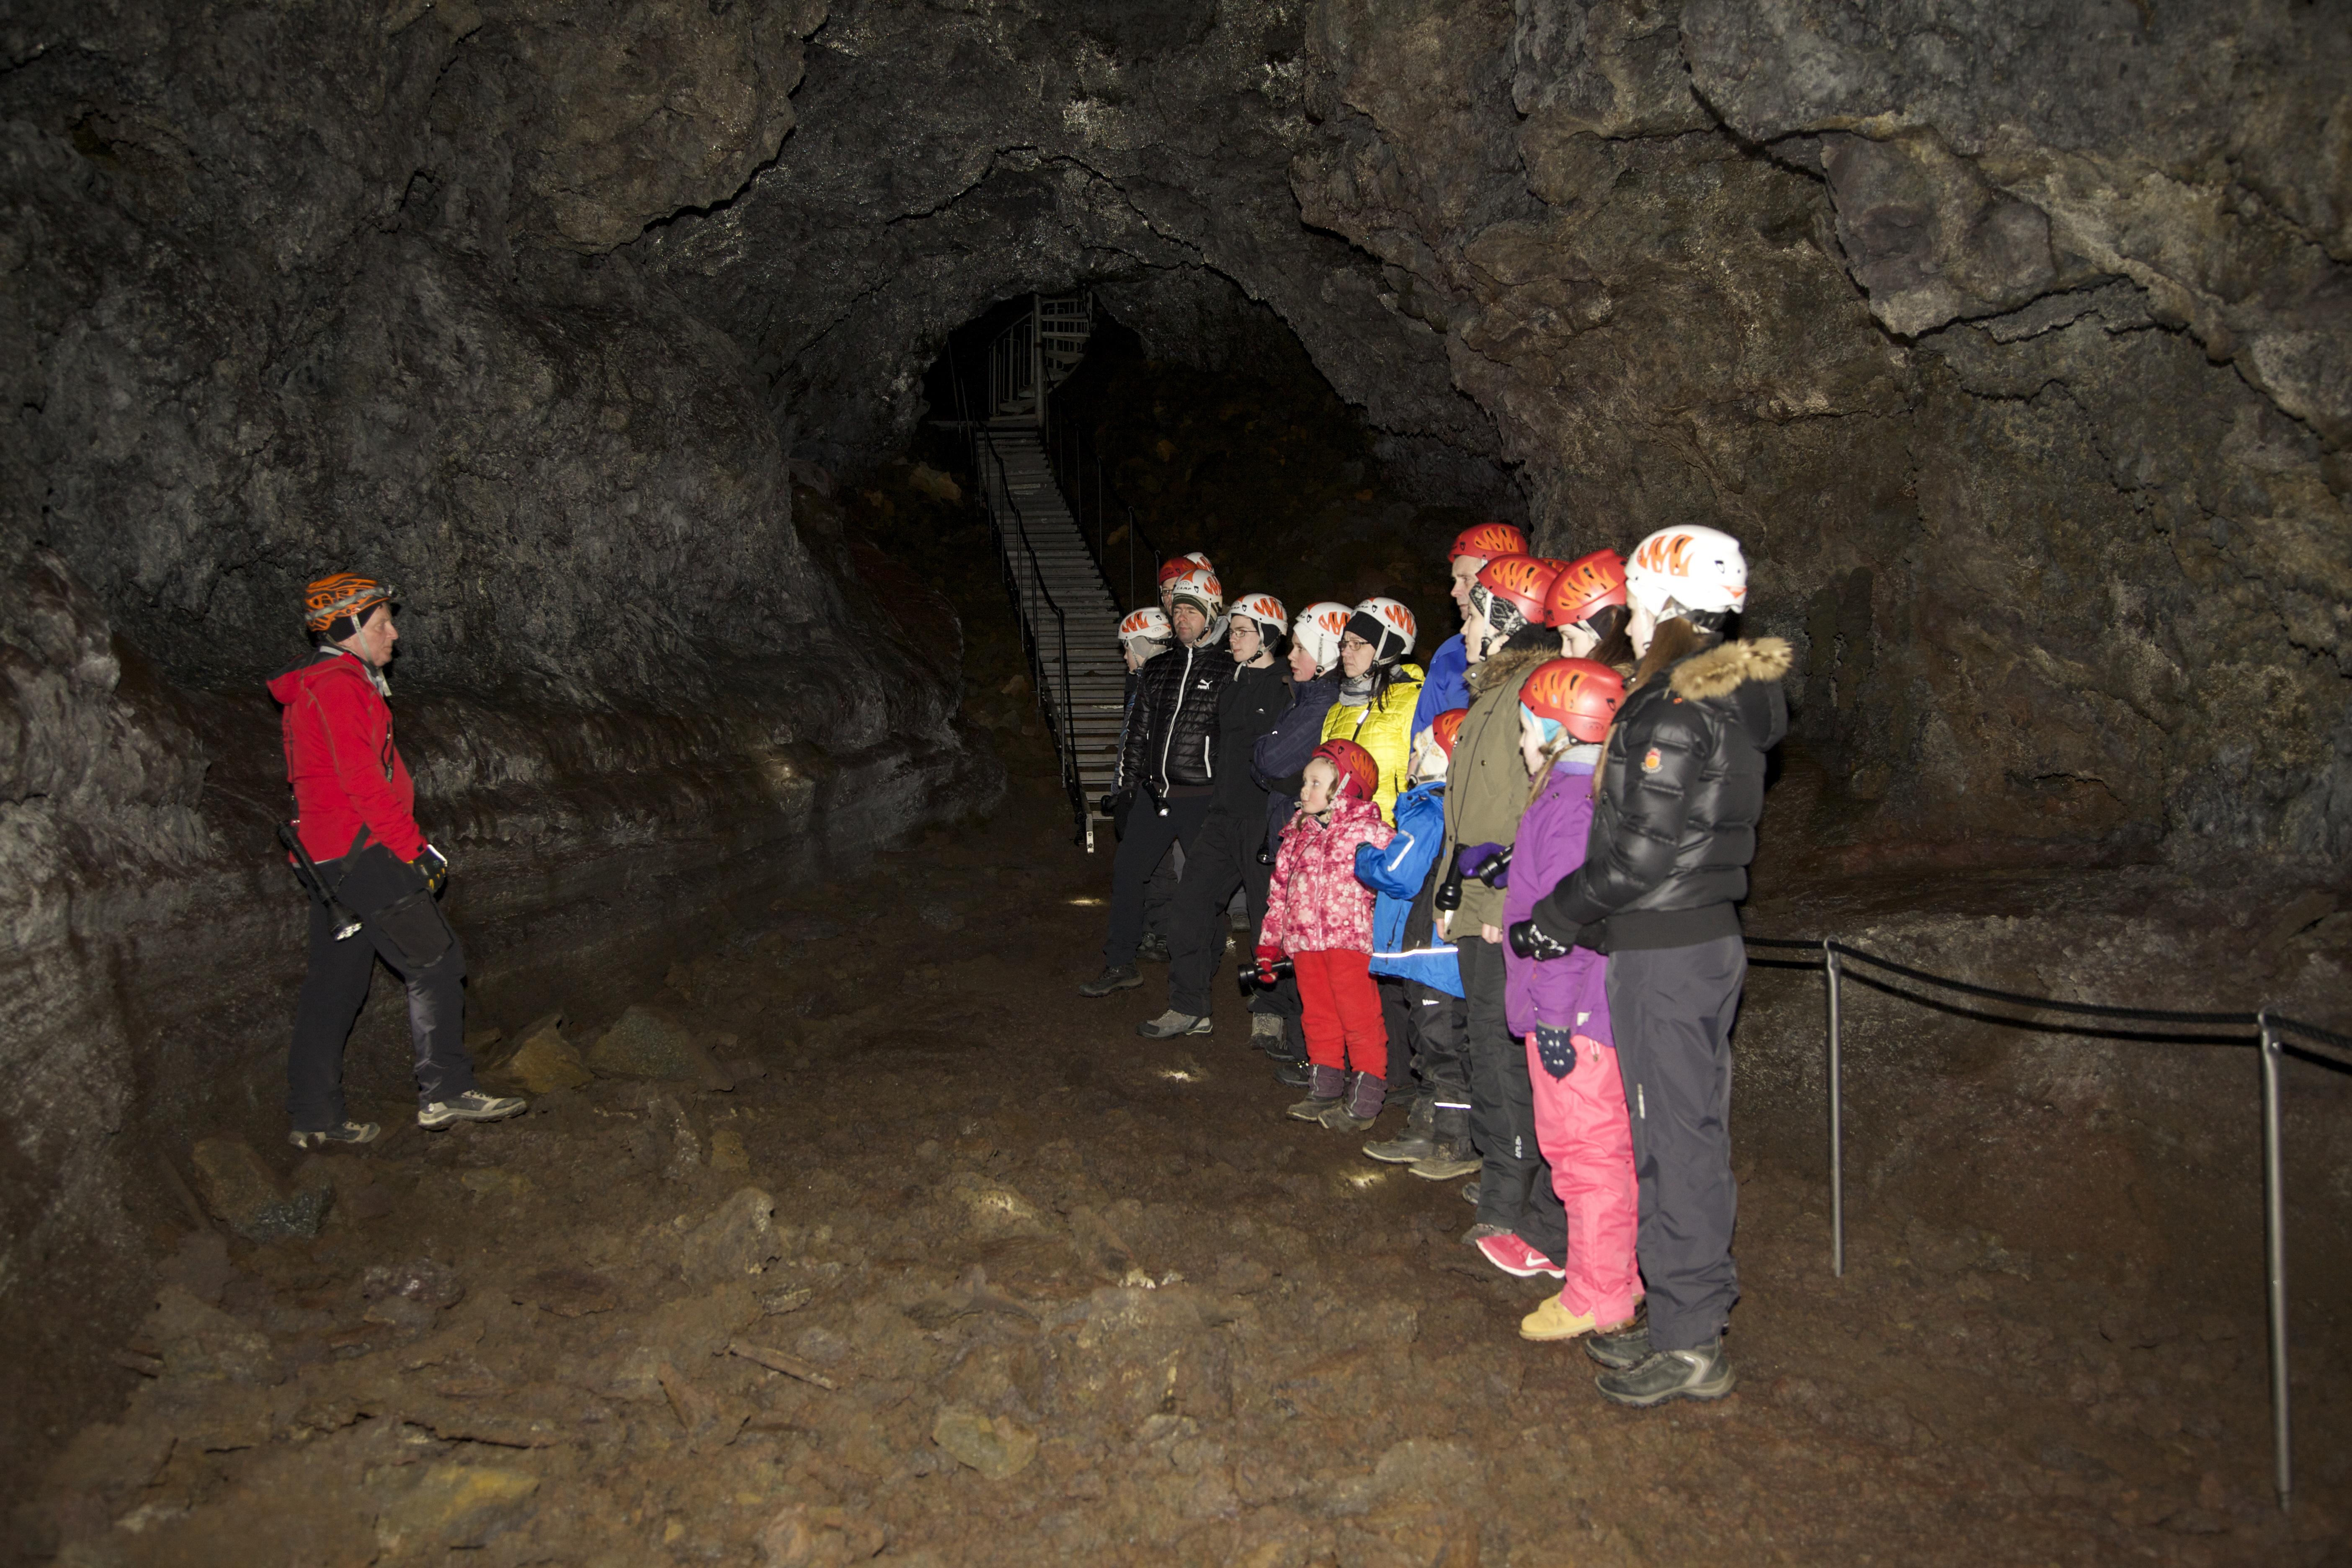 아이슬란드 스나이펠스네스 반도에 자리한 바튼스헤들리르는 8,000년 전 분출된 용암에 의해 만들어진 동굴입니다.